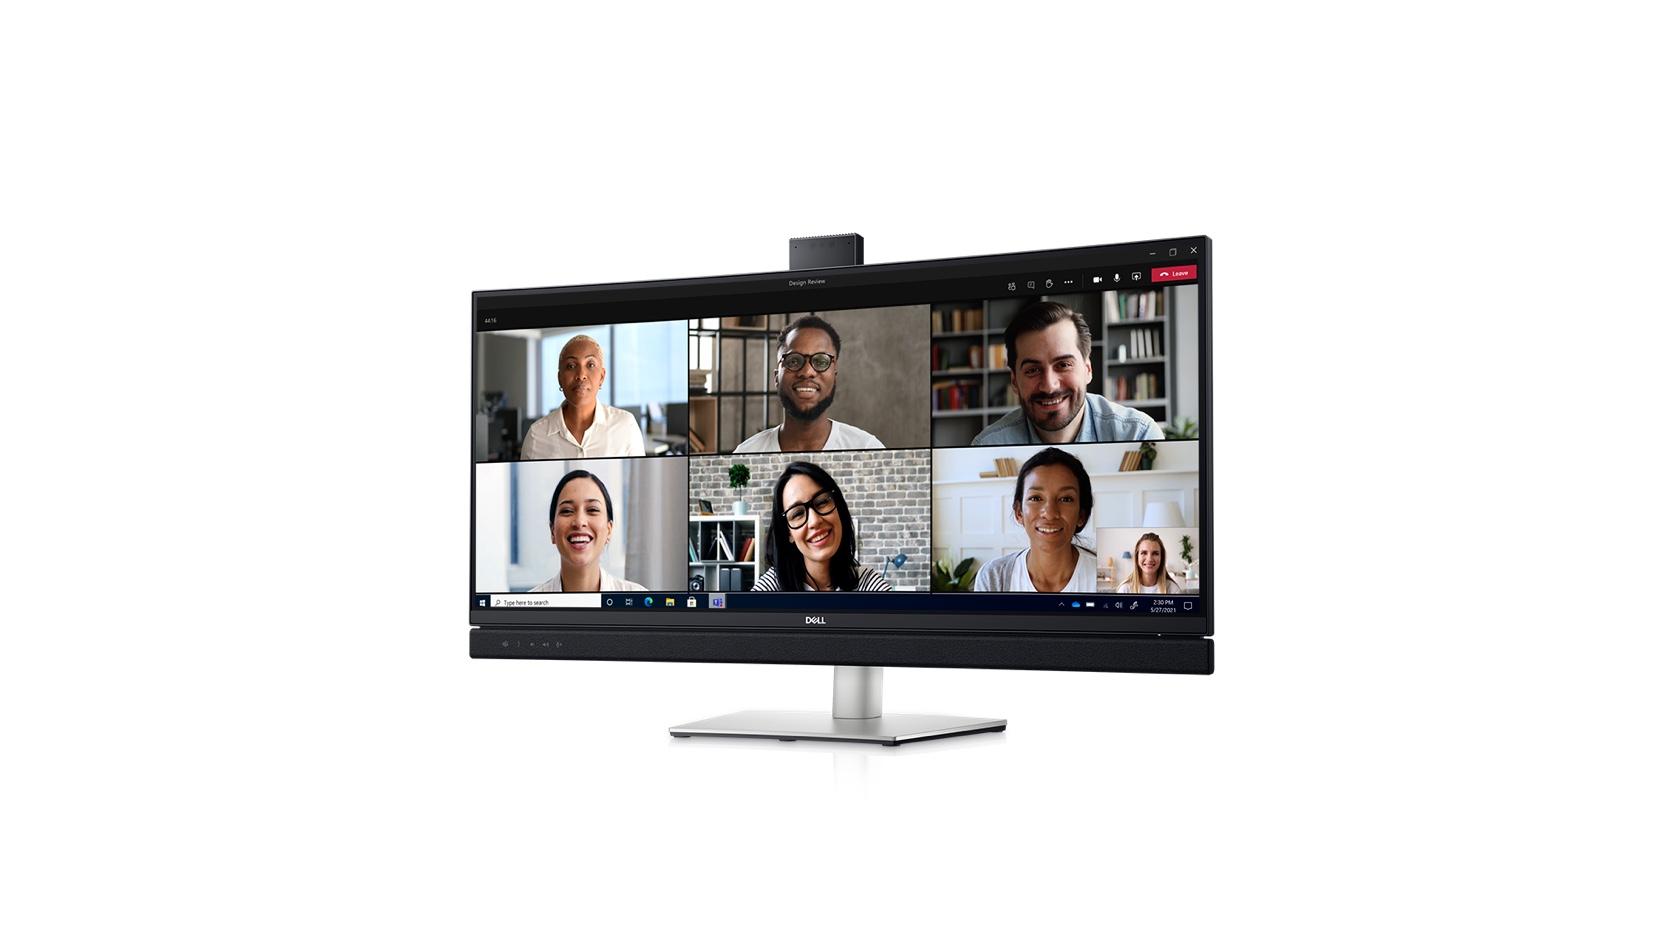 Le Dell C3422WE, est un nouveaux moniteur de 34 pouces conçu pour les visioconférences et certifié Microsoft Teams